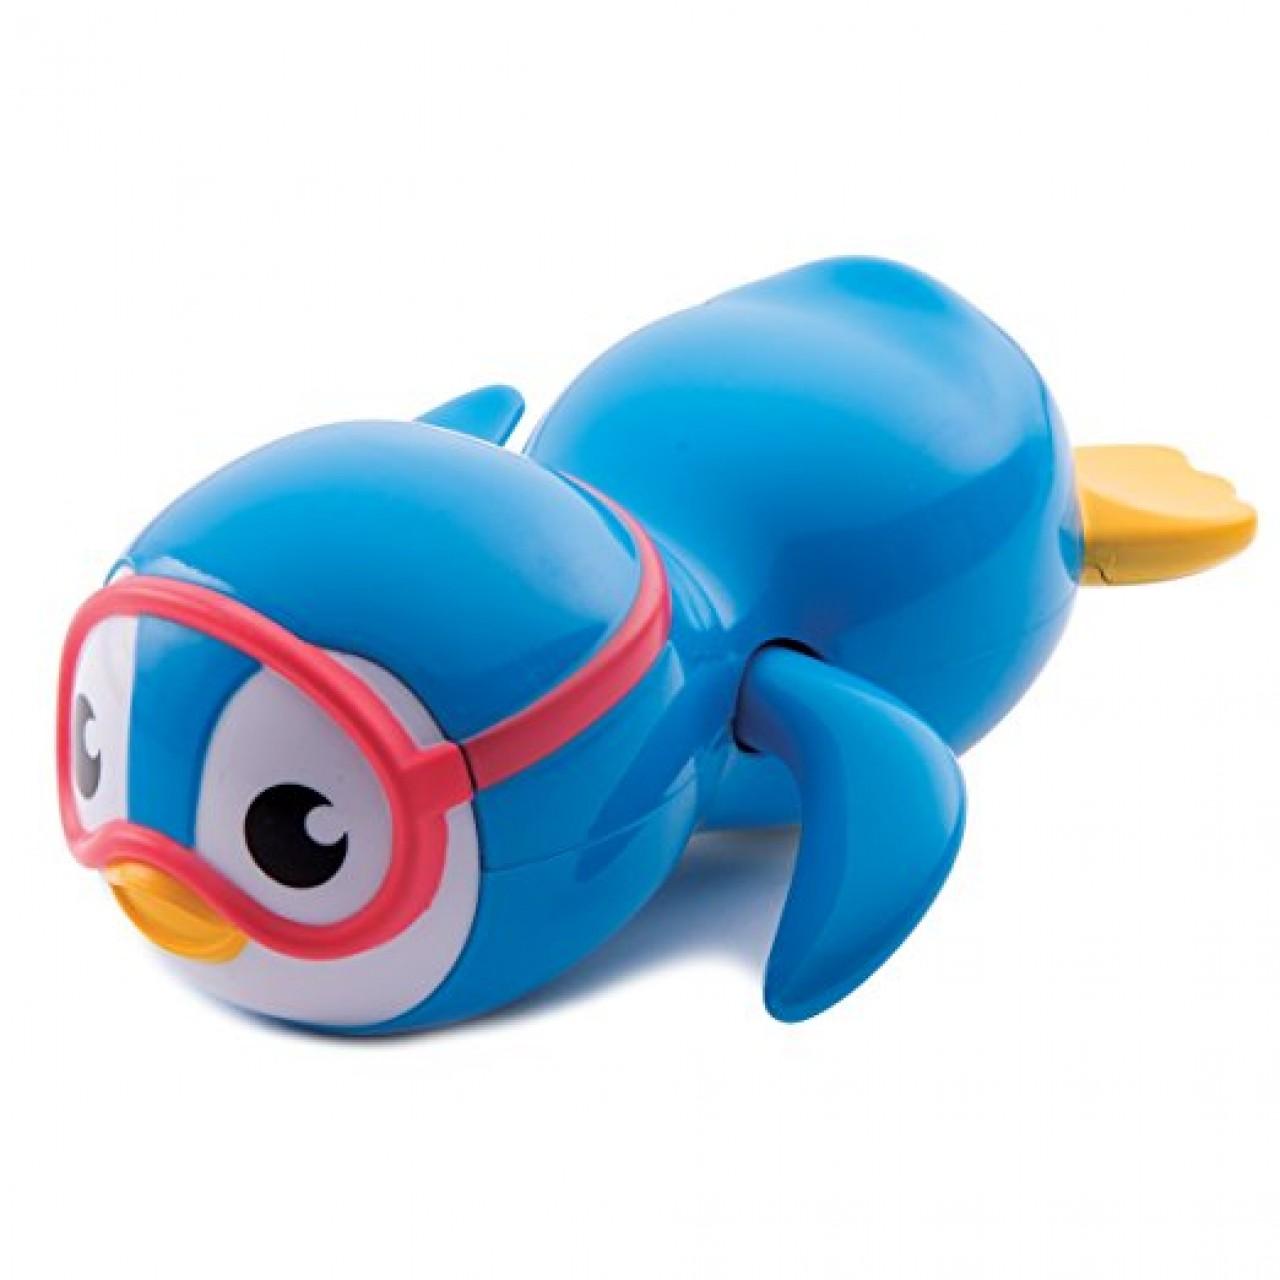 Игрушка для ванной от Munchkin - Пингвин пловец (голубой)